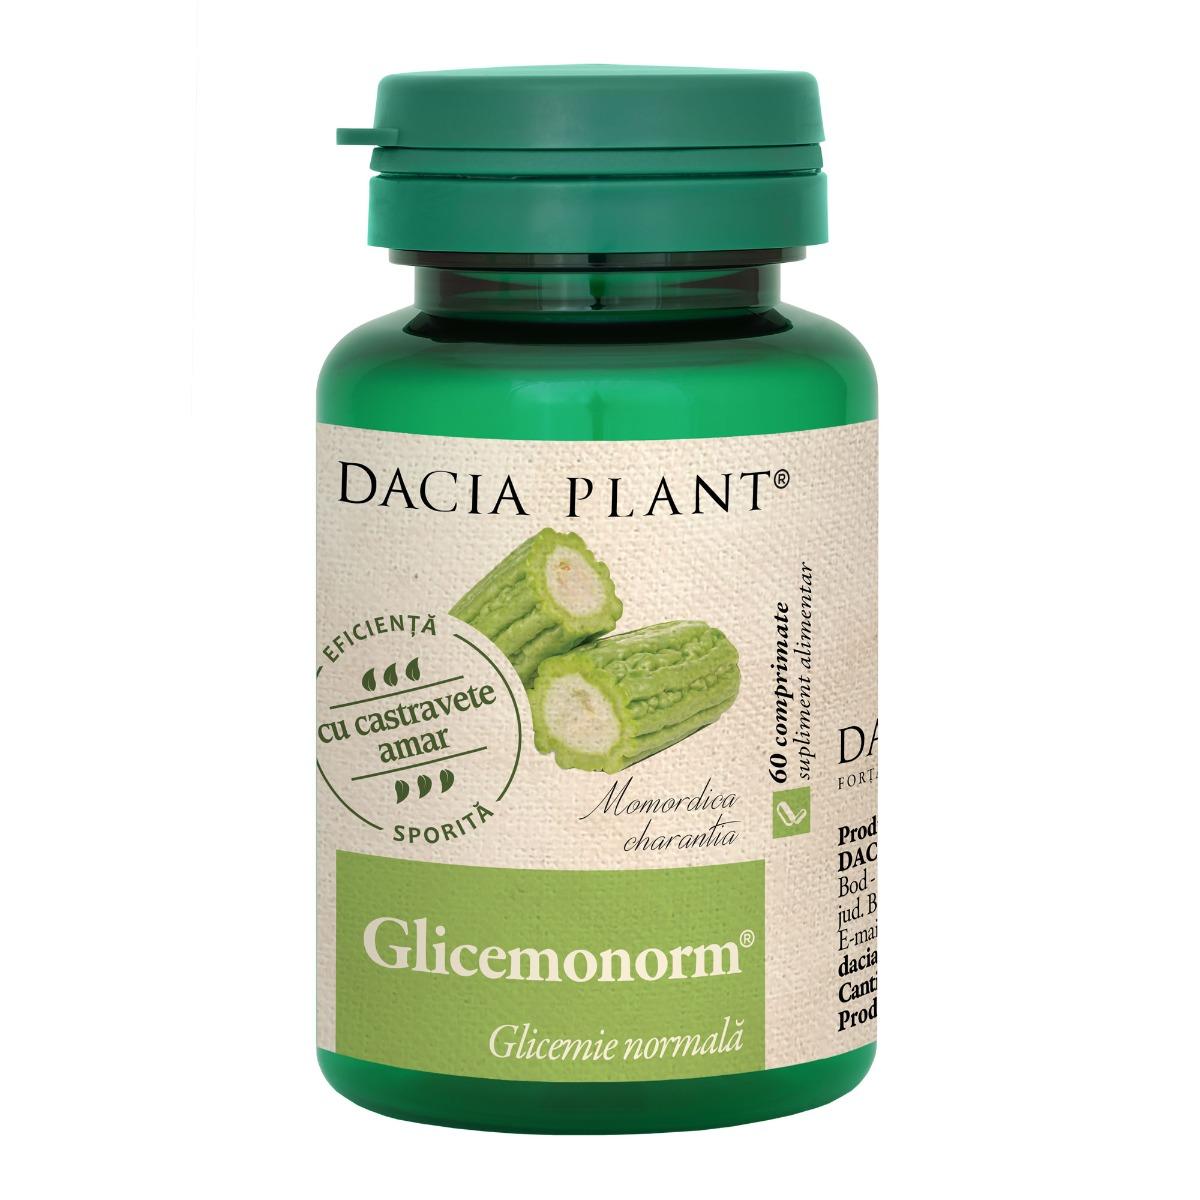 Glicemonorm, 60 comprimate, Dacia Plant drmax.ro